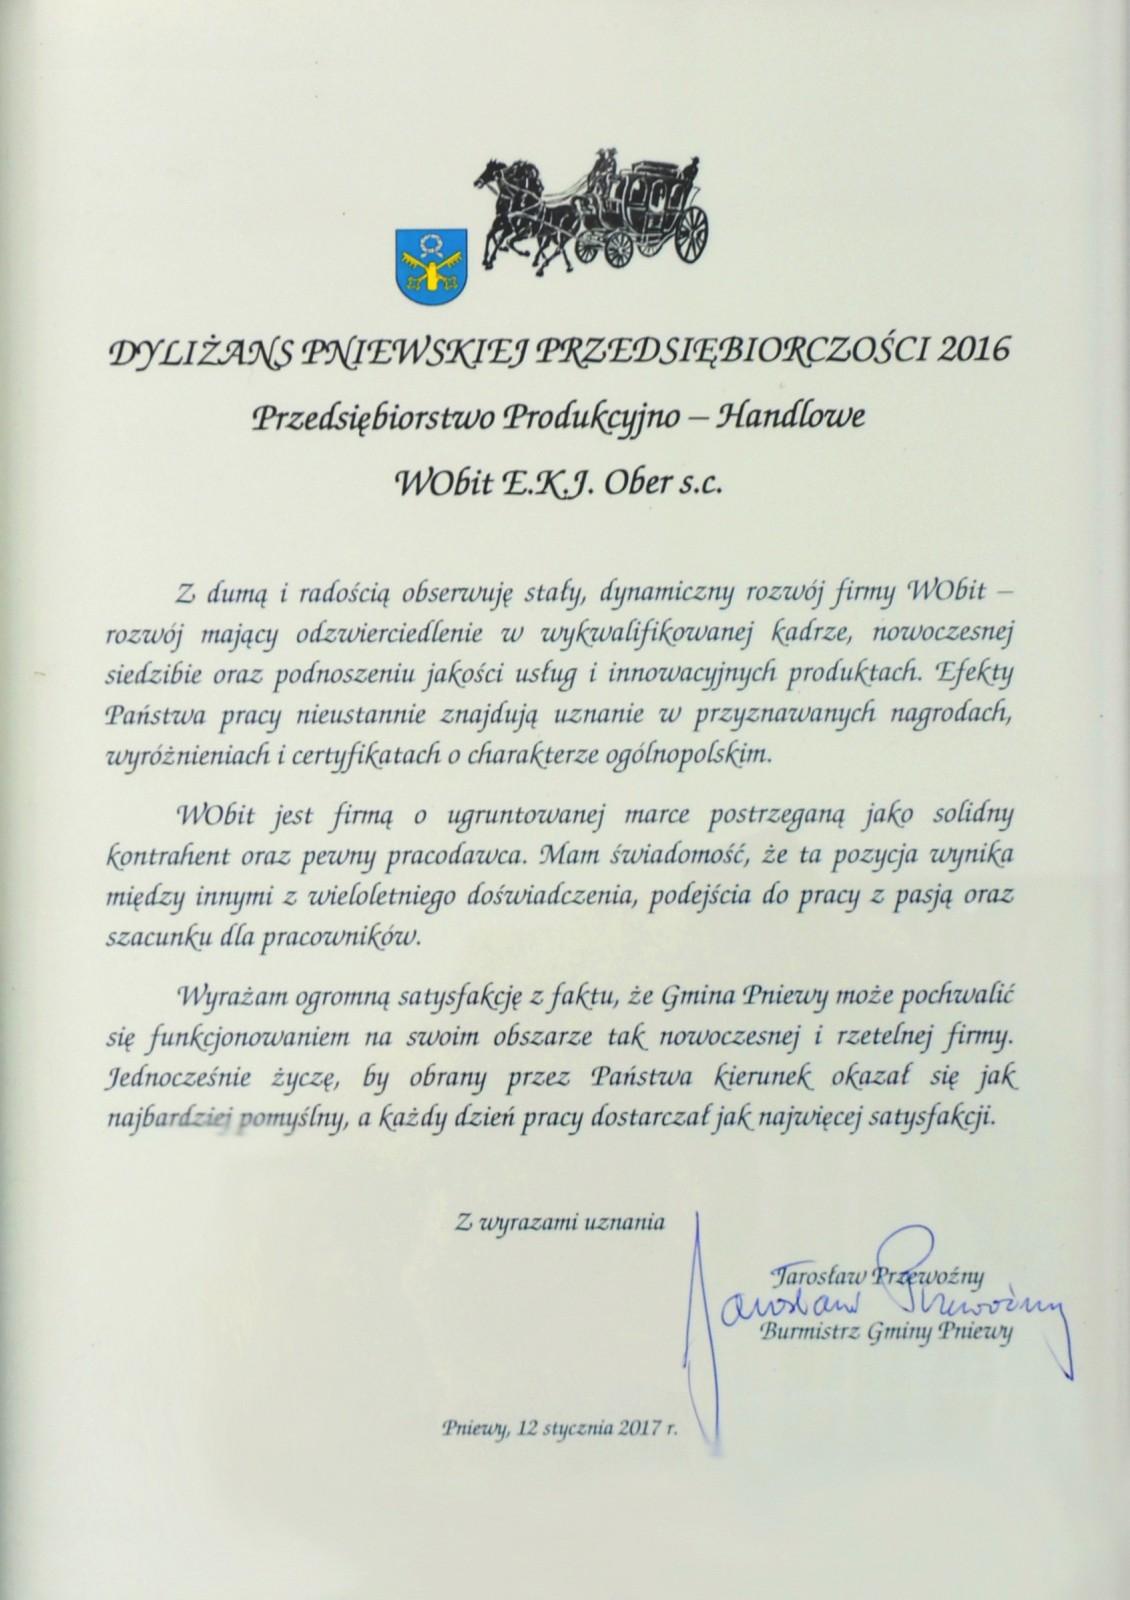 Dyliżnas Pnieskiej Przedsiębiorczości 2016